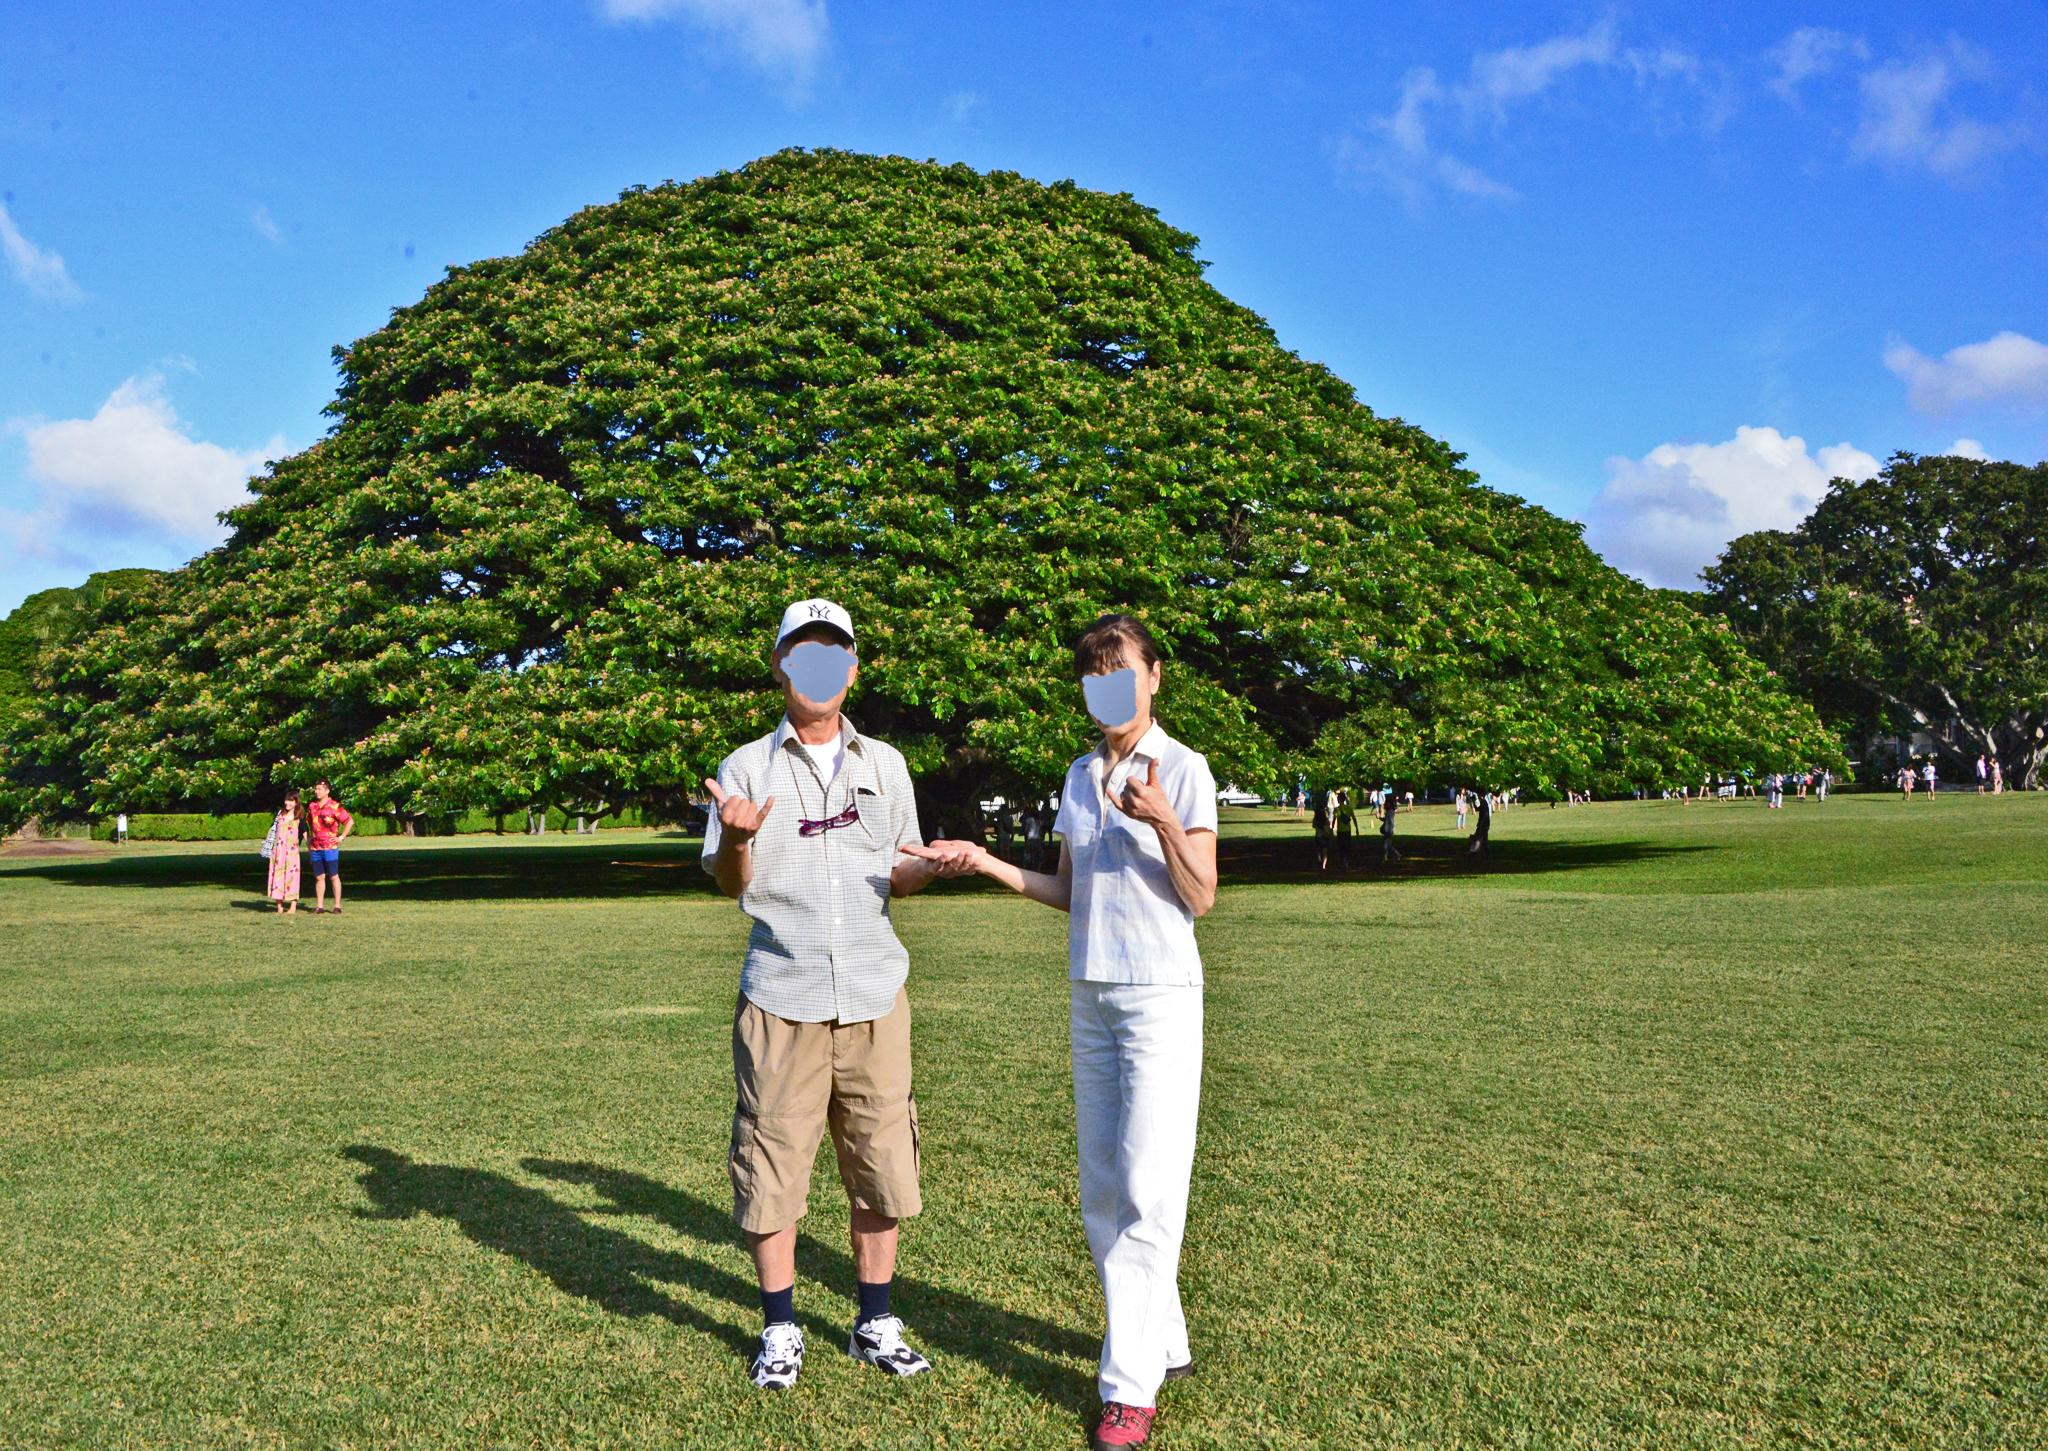 ⇑ この木なんの木 で有名な木の前で